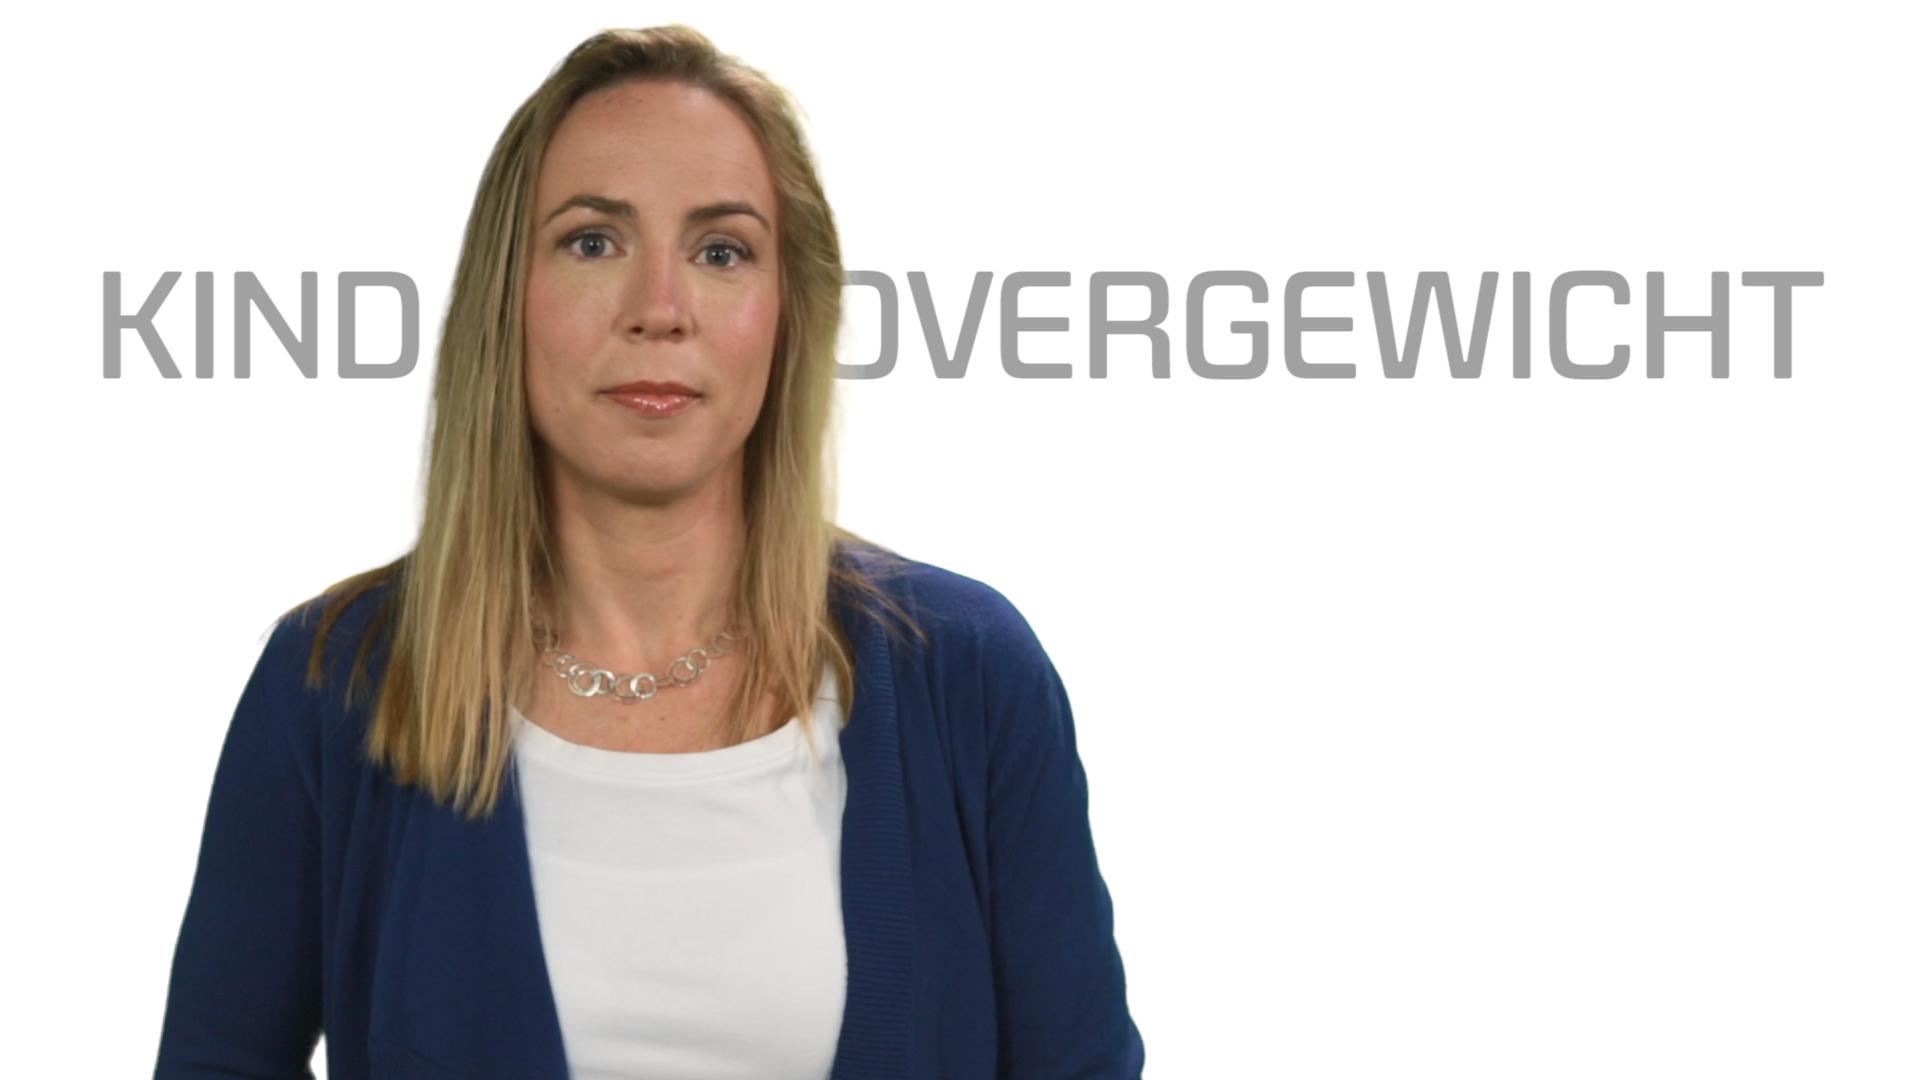 Bekijk de video: Kind met overgewicht